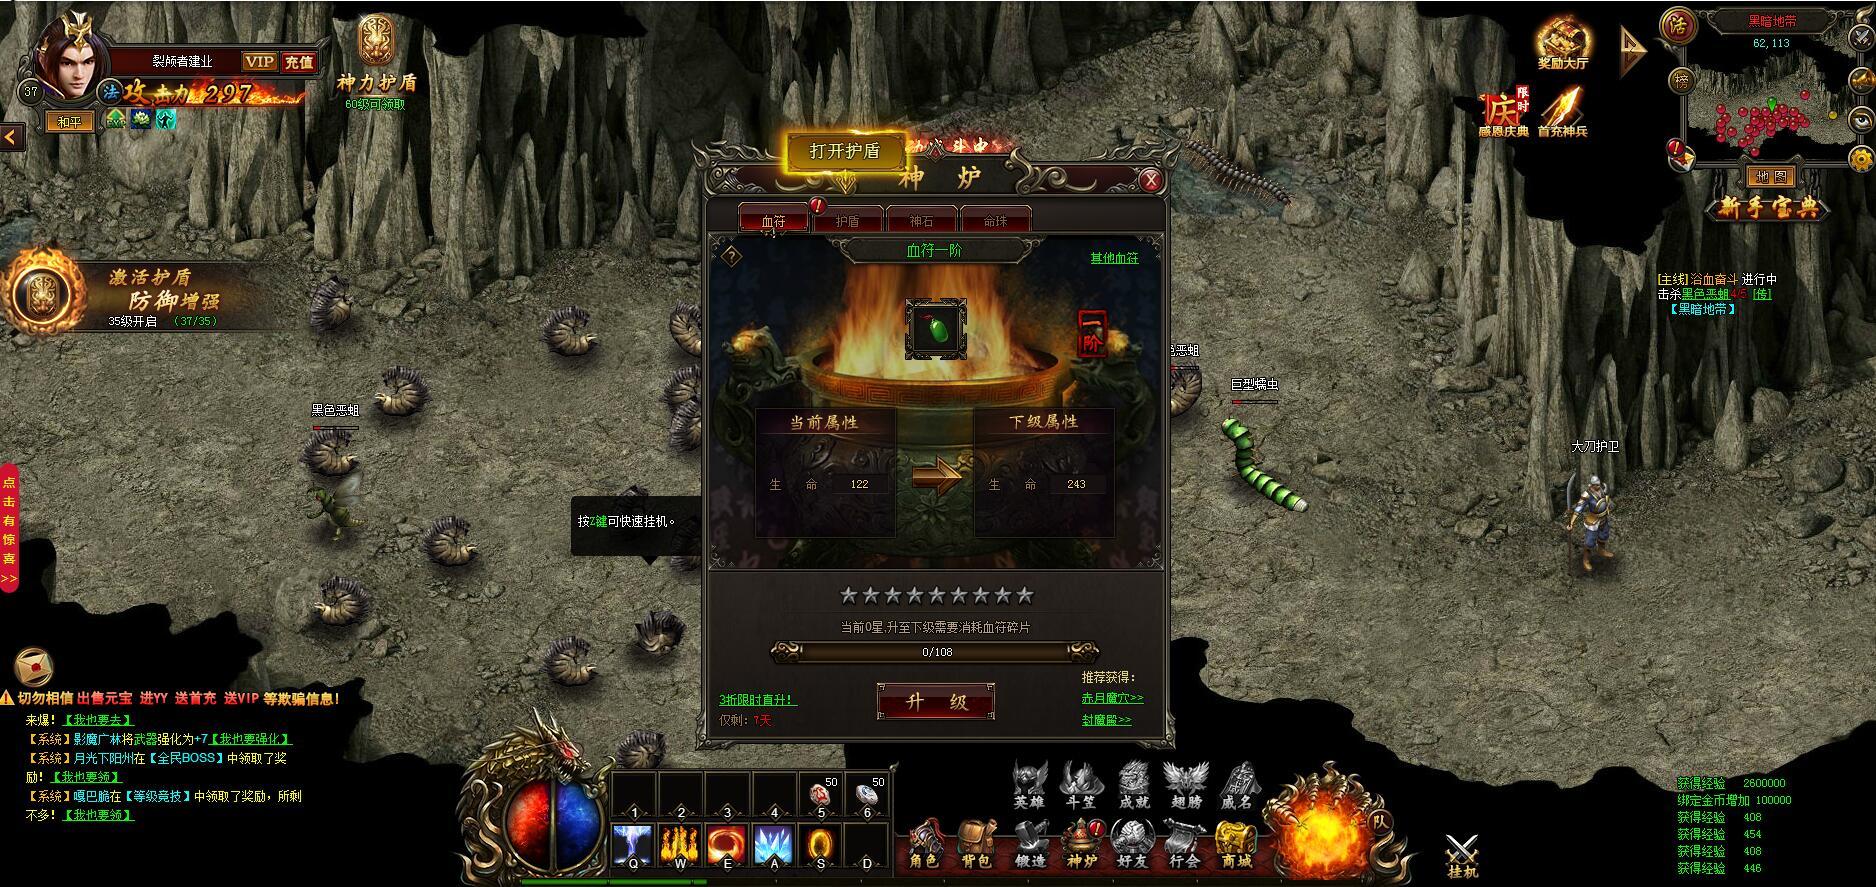 赤月龙城游戏截图1